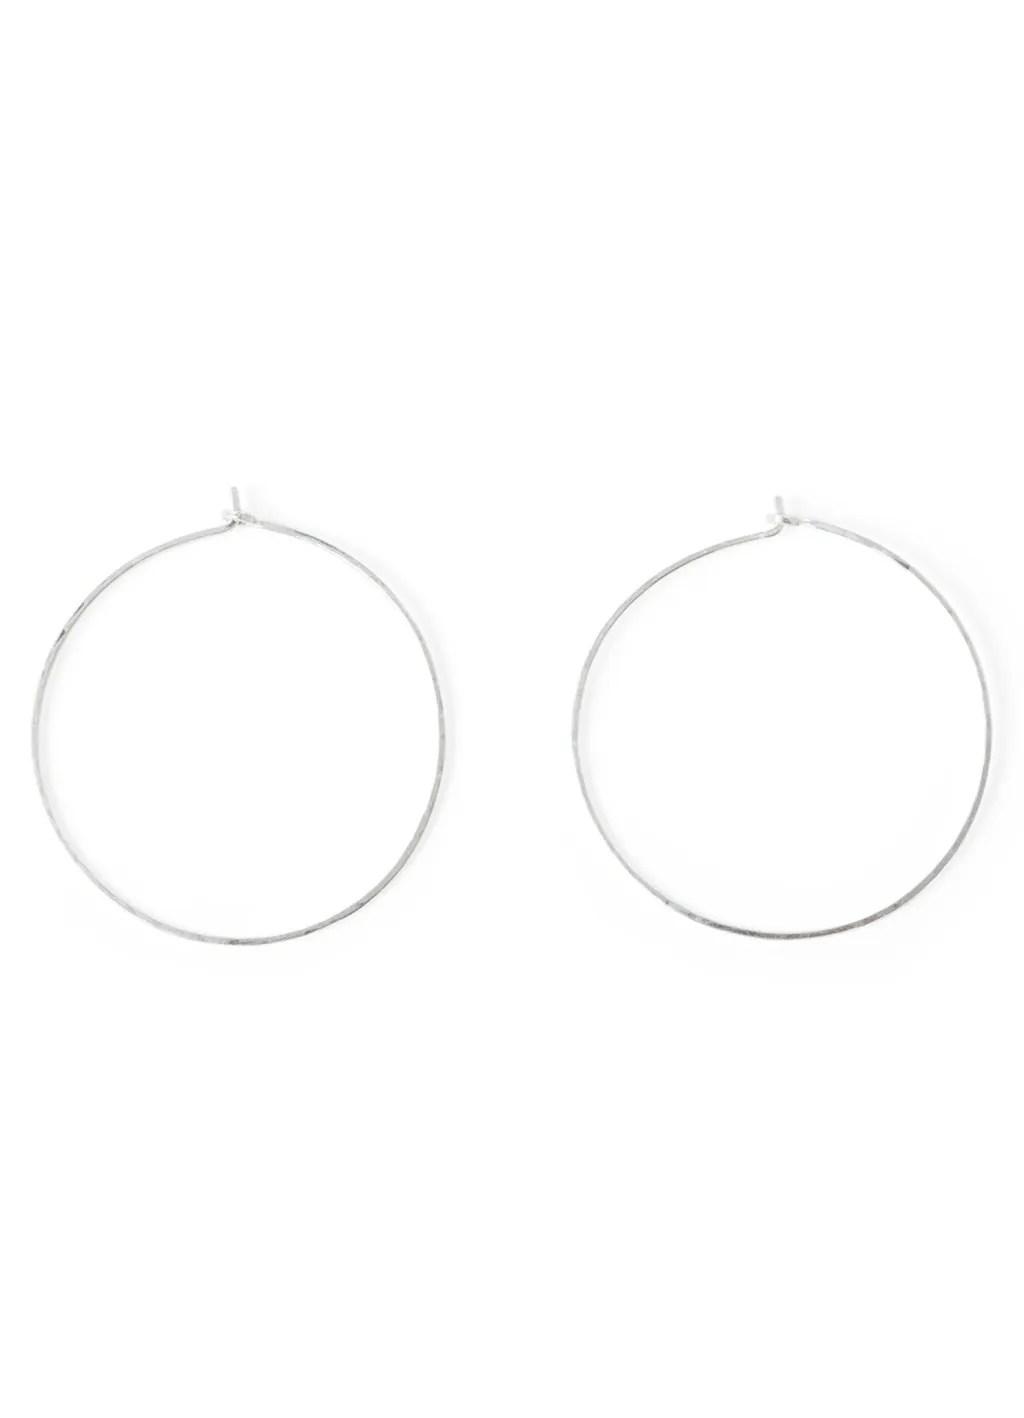 Spring 2018 Wardrobe Essentials: Hoop Earrings